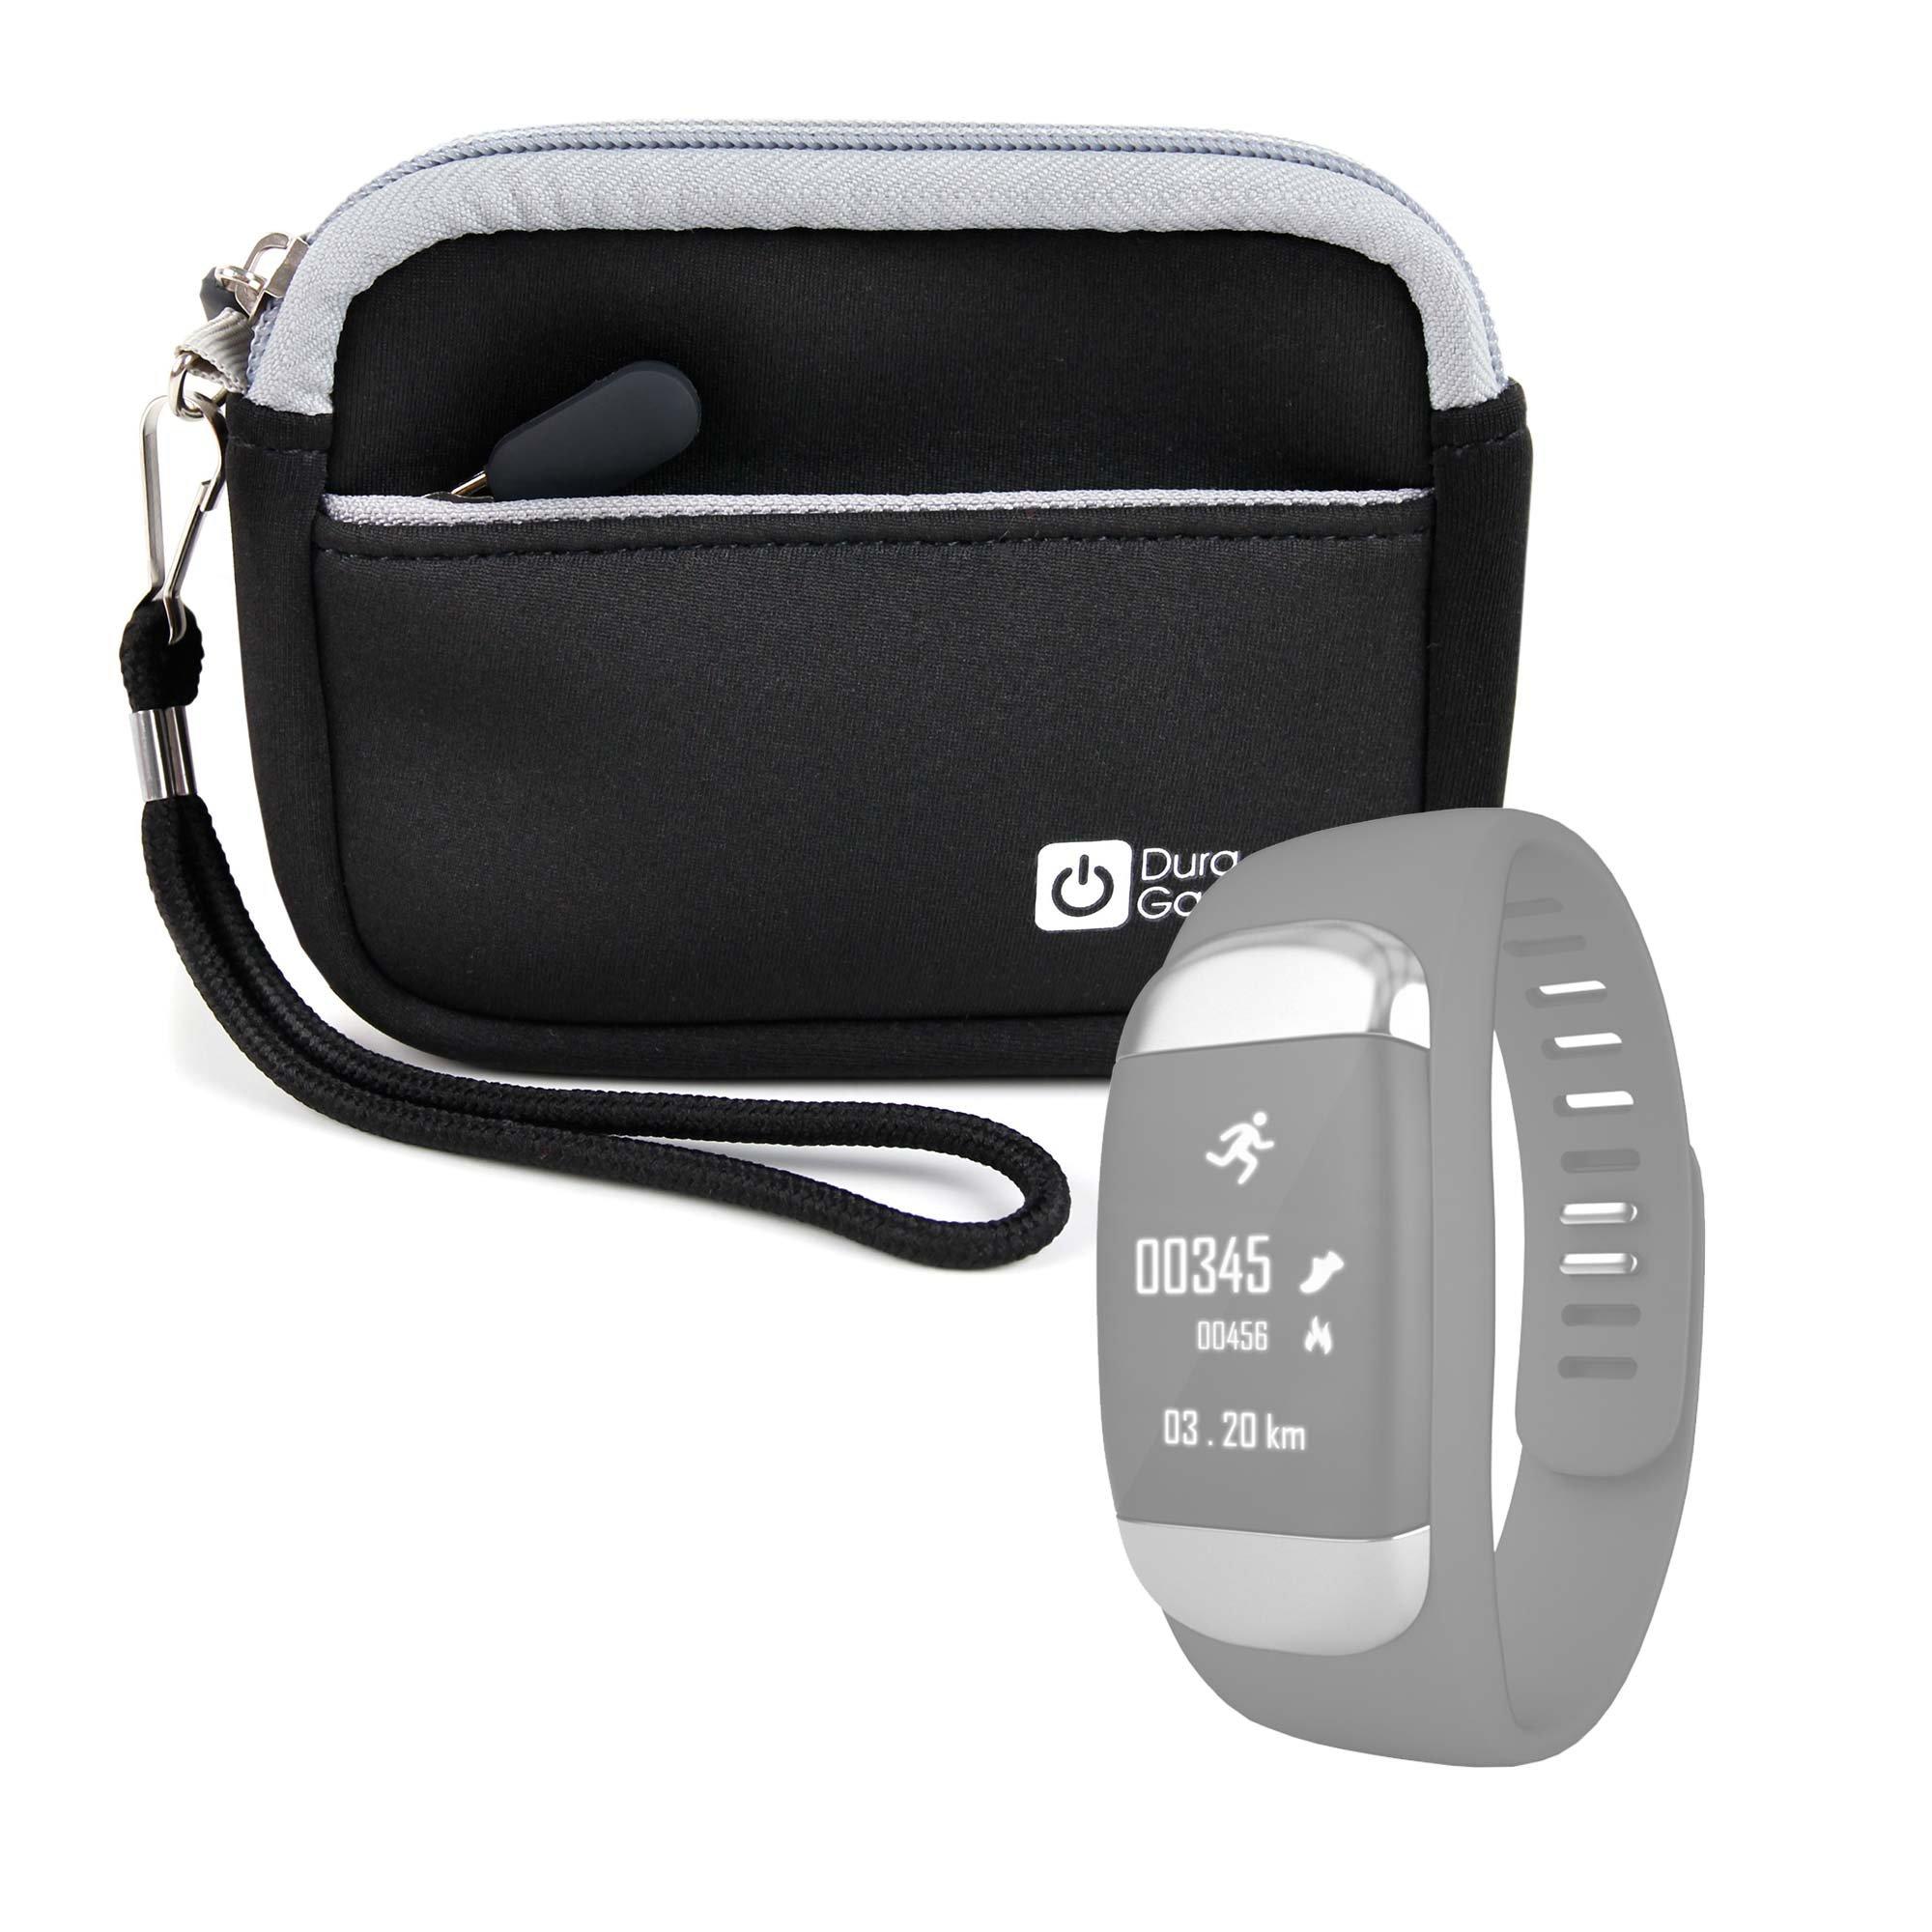 DURAGADGET Estuche De Neopreno Negro para My Buddy Tag Wearable, Stifit Smart Fitness Tracker, Ammiy BF-888S + Correa Guardar Su Dispositivo!: Amazon.es: Electrónica